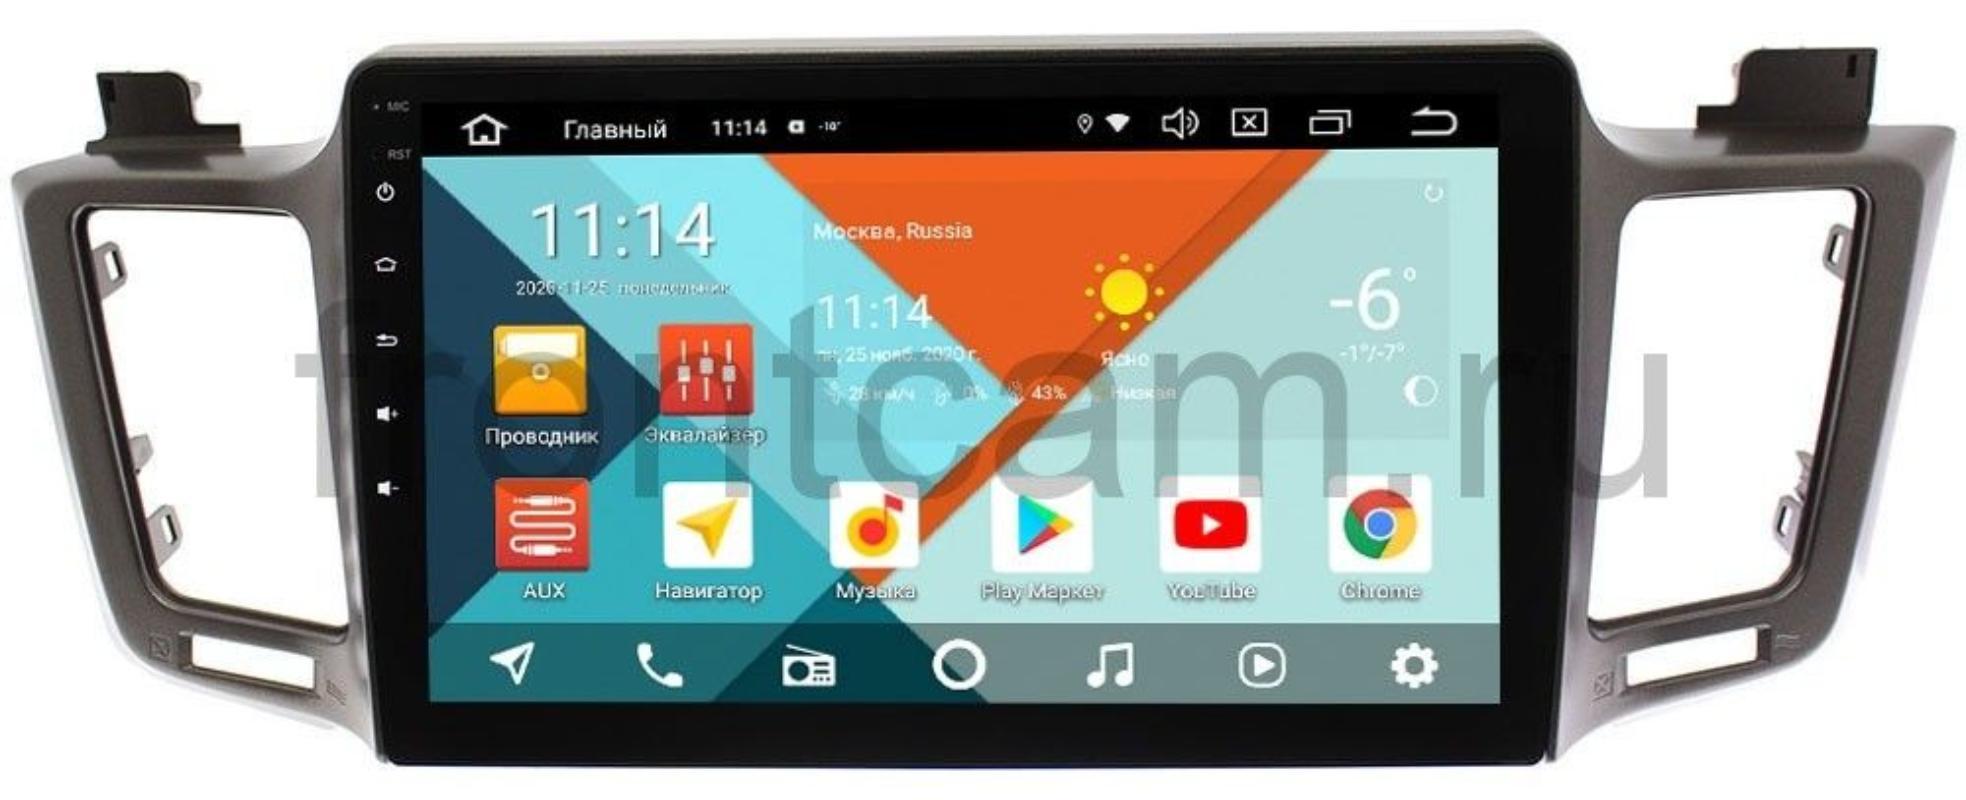 Штатная магнитола Toyota RAV4 (CA40) 2013-2019 Wide Media KS1002QR-3/32 DSP CarPlay 4G-SIM (для авто с одной камерой) на Android 10 (+ Камера заднего вида в подарок!)